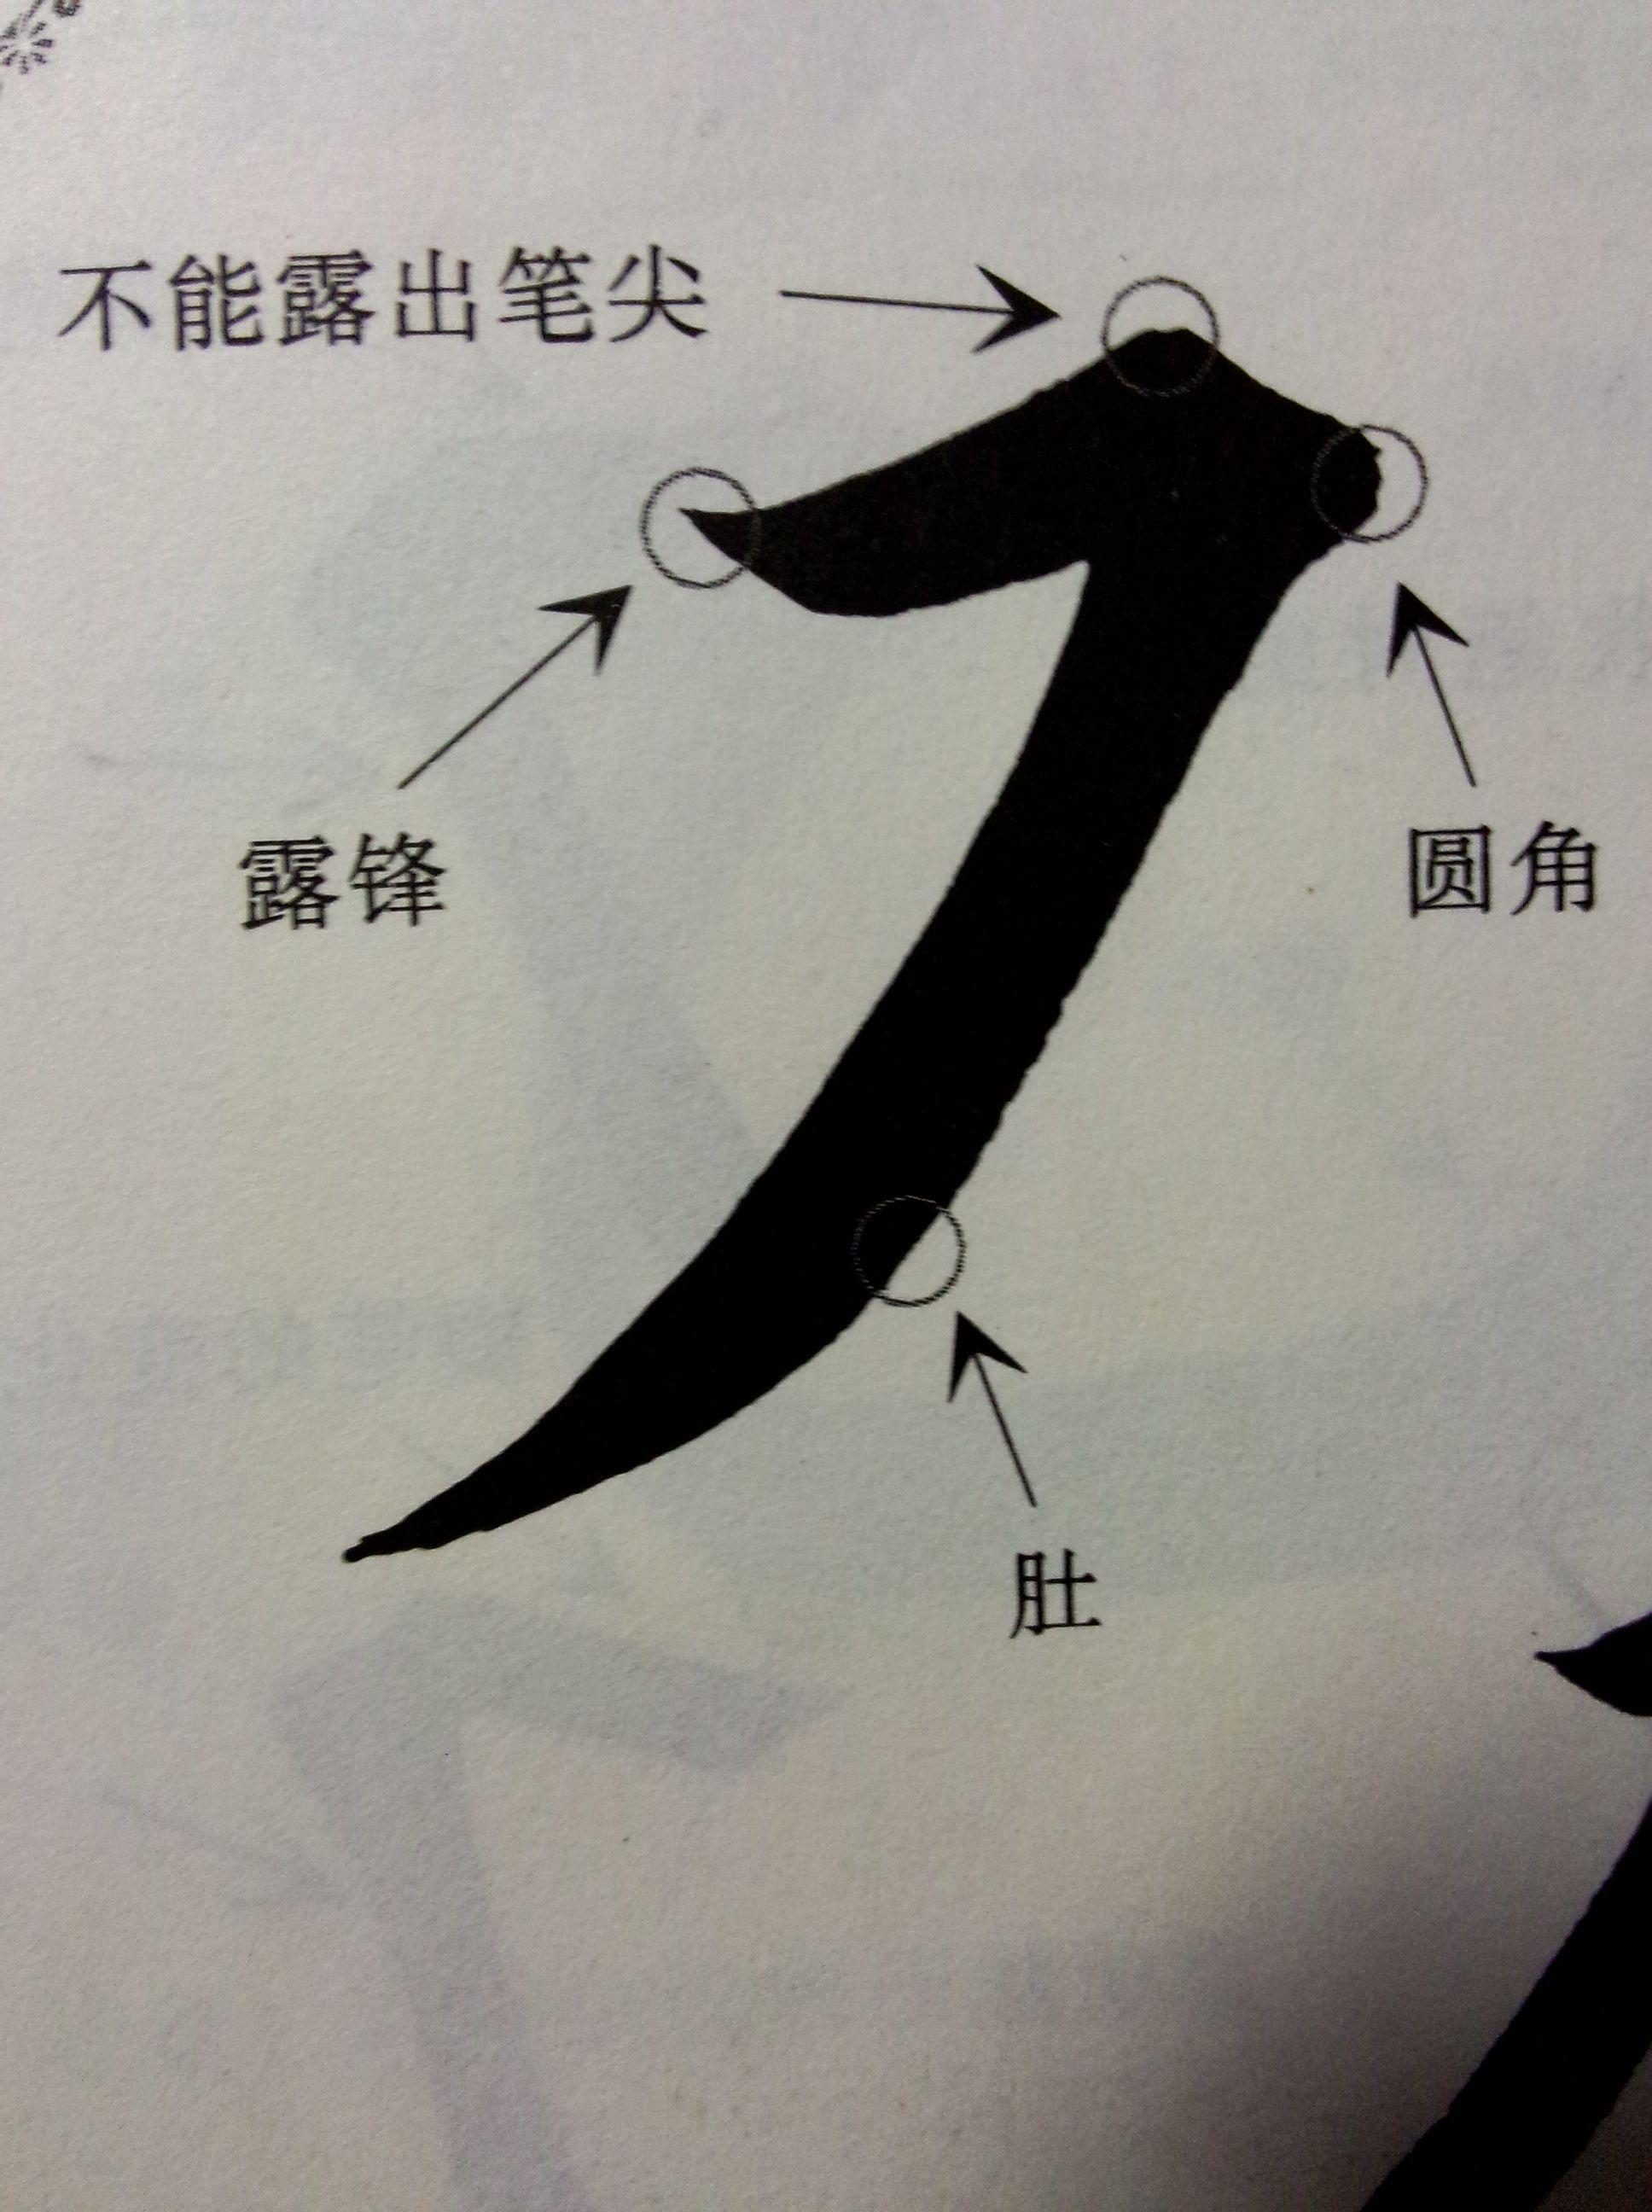 笔画横撇弯钩和 横折折折钩 中的 笔画 横撇弯钩 和横折折折钩中的